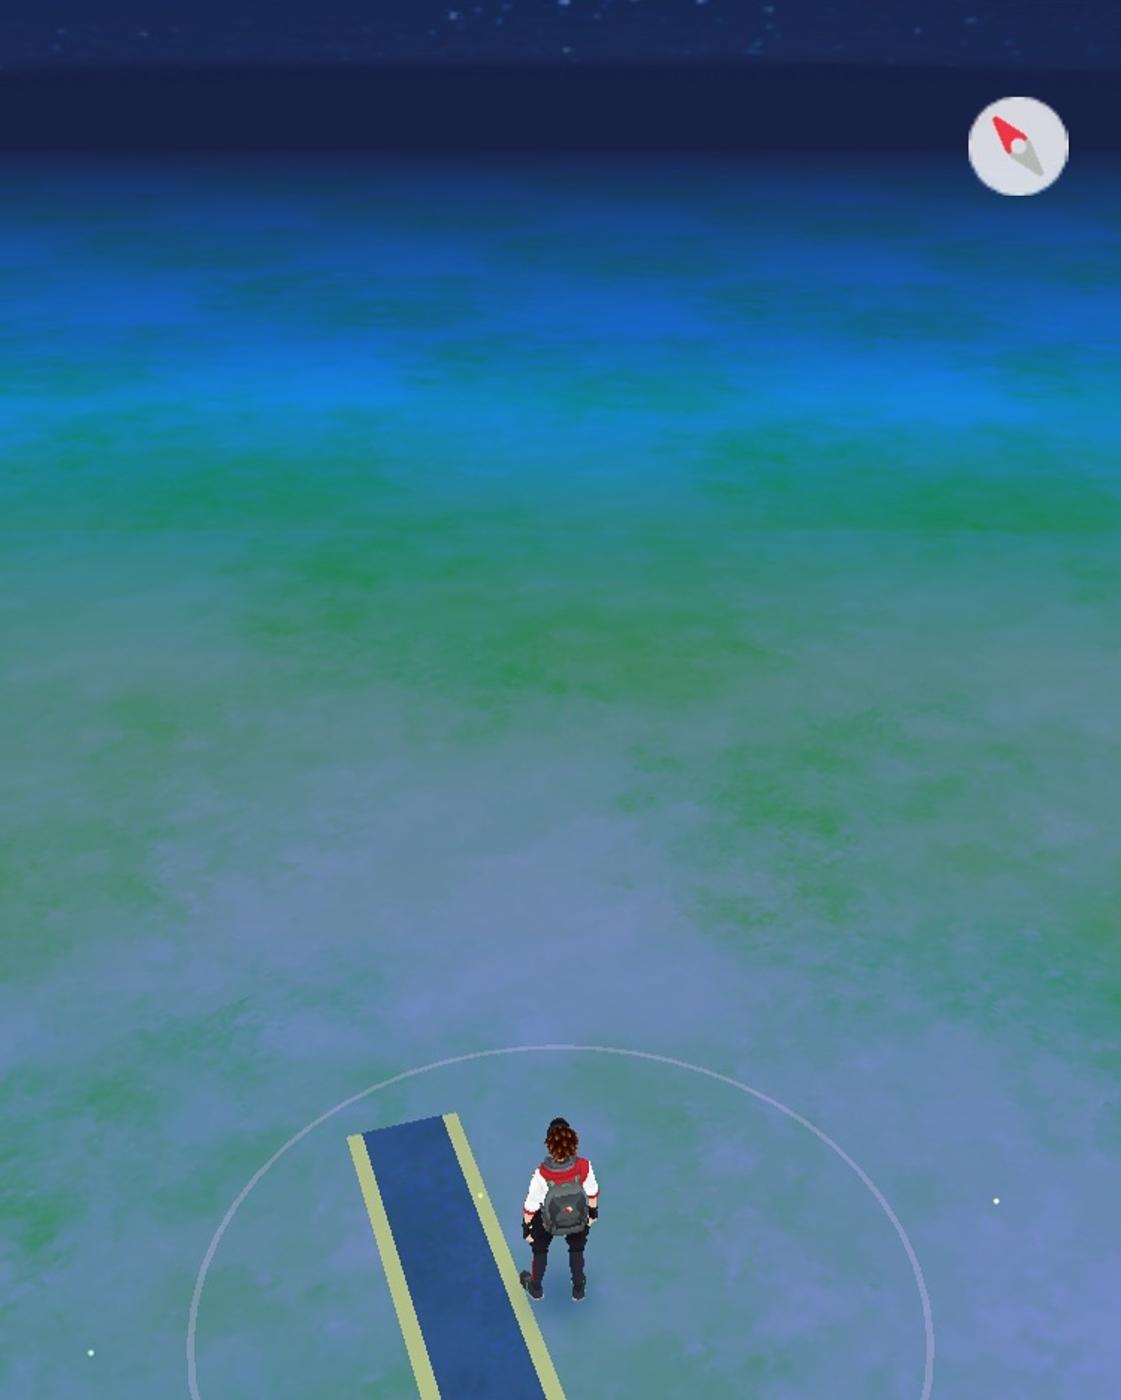 Pokémon-tyhjiö